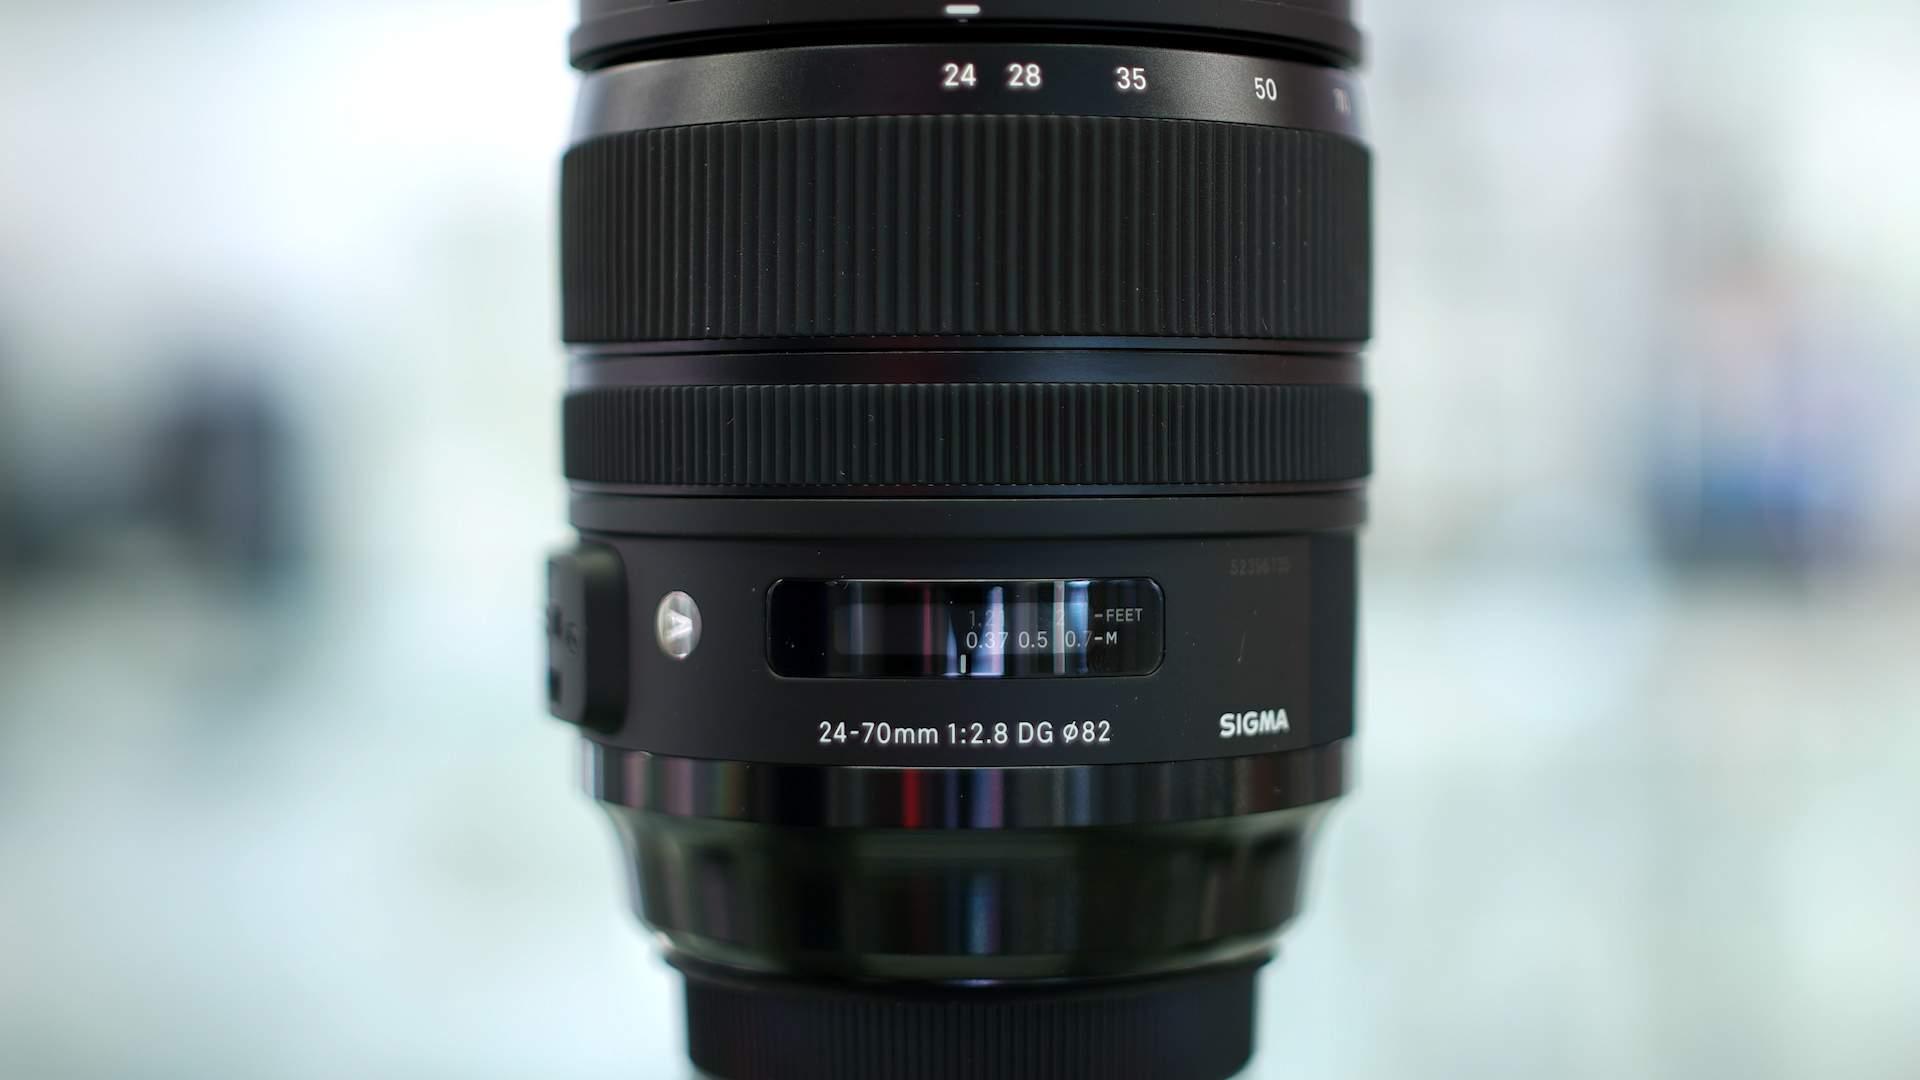 Dettaglio Ghiere Sigma 24-70mm f2.8 Art